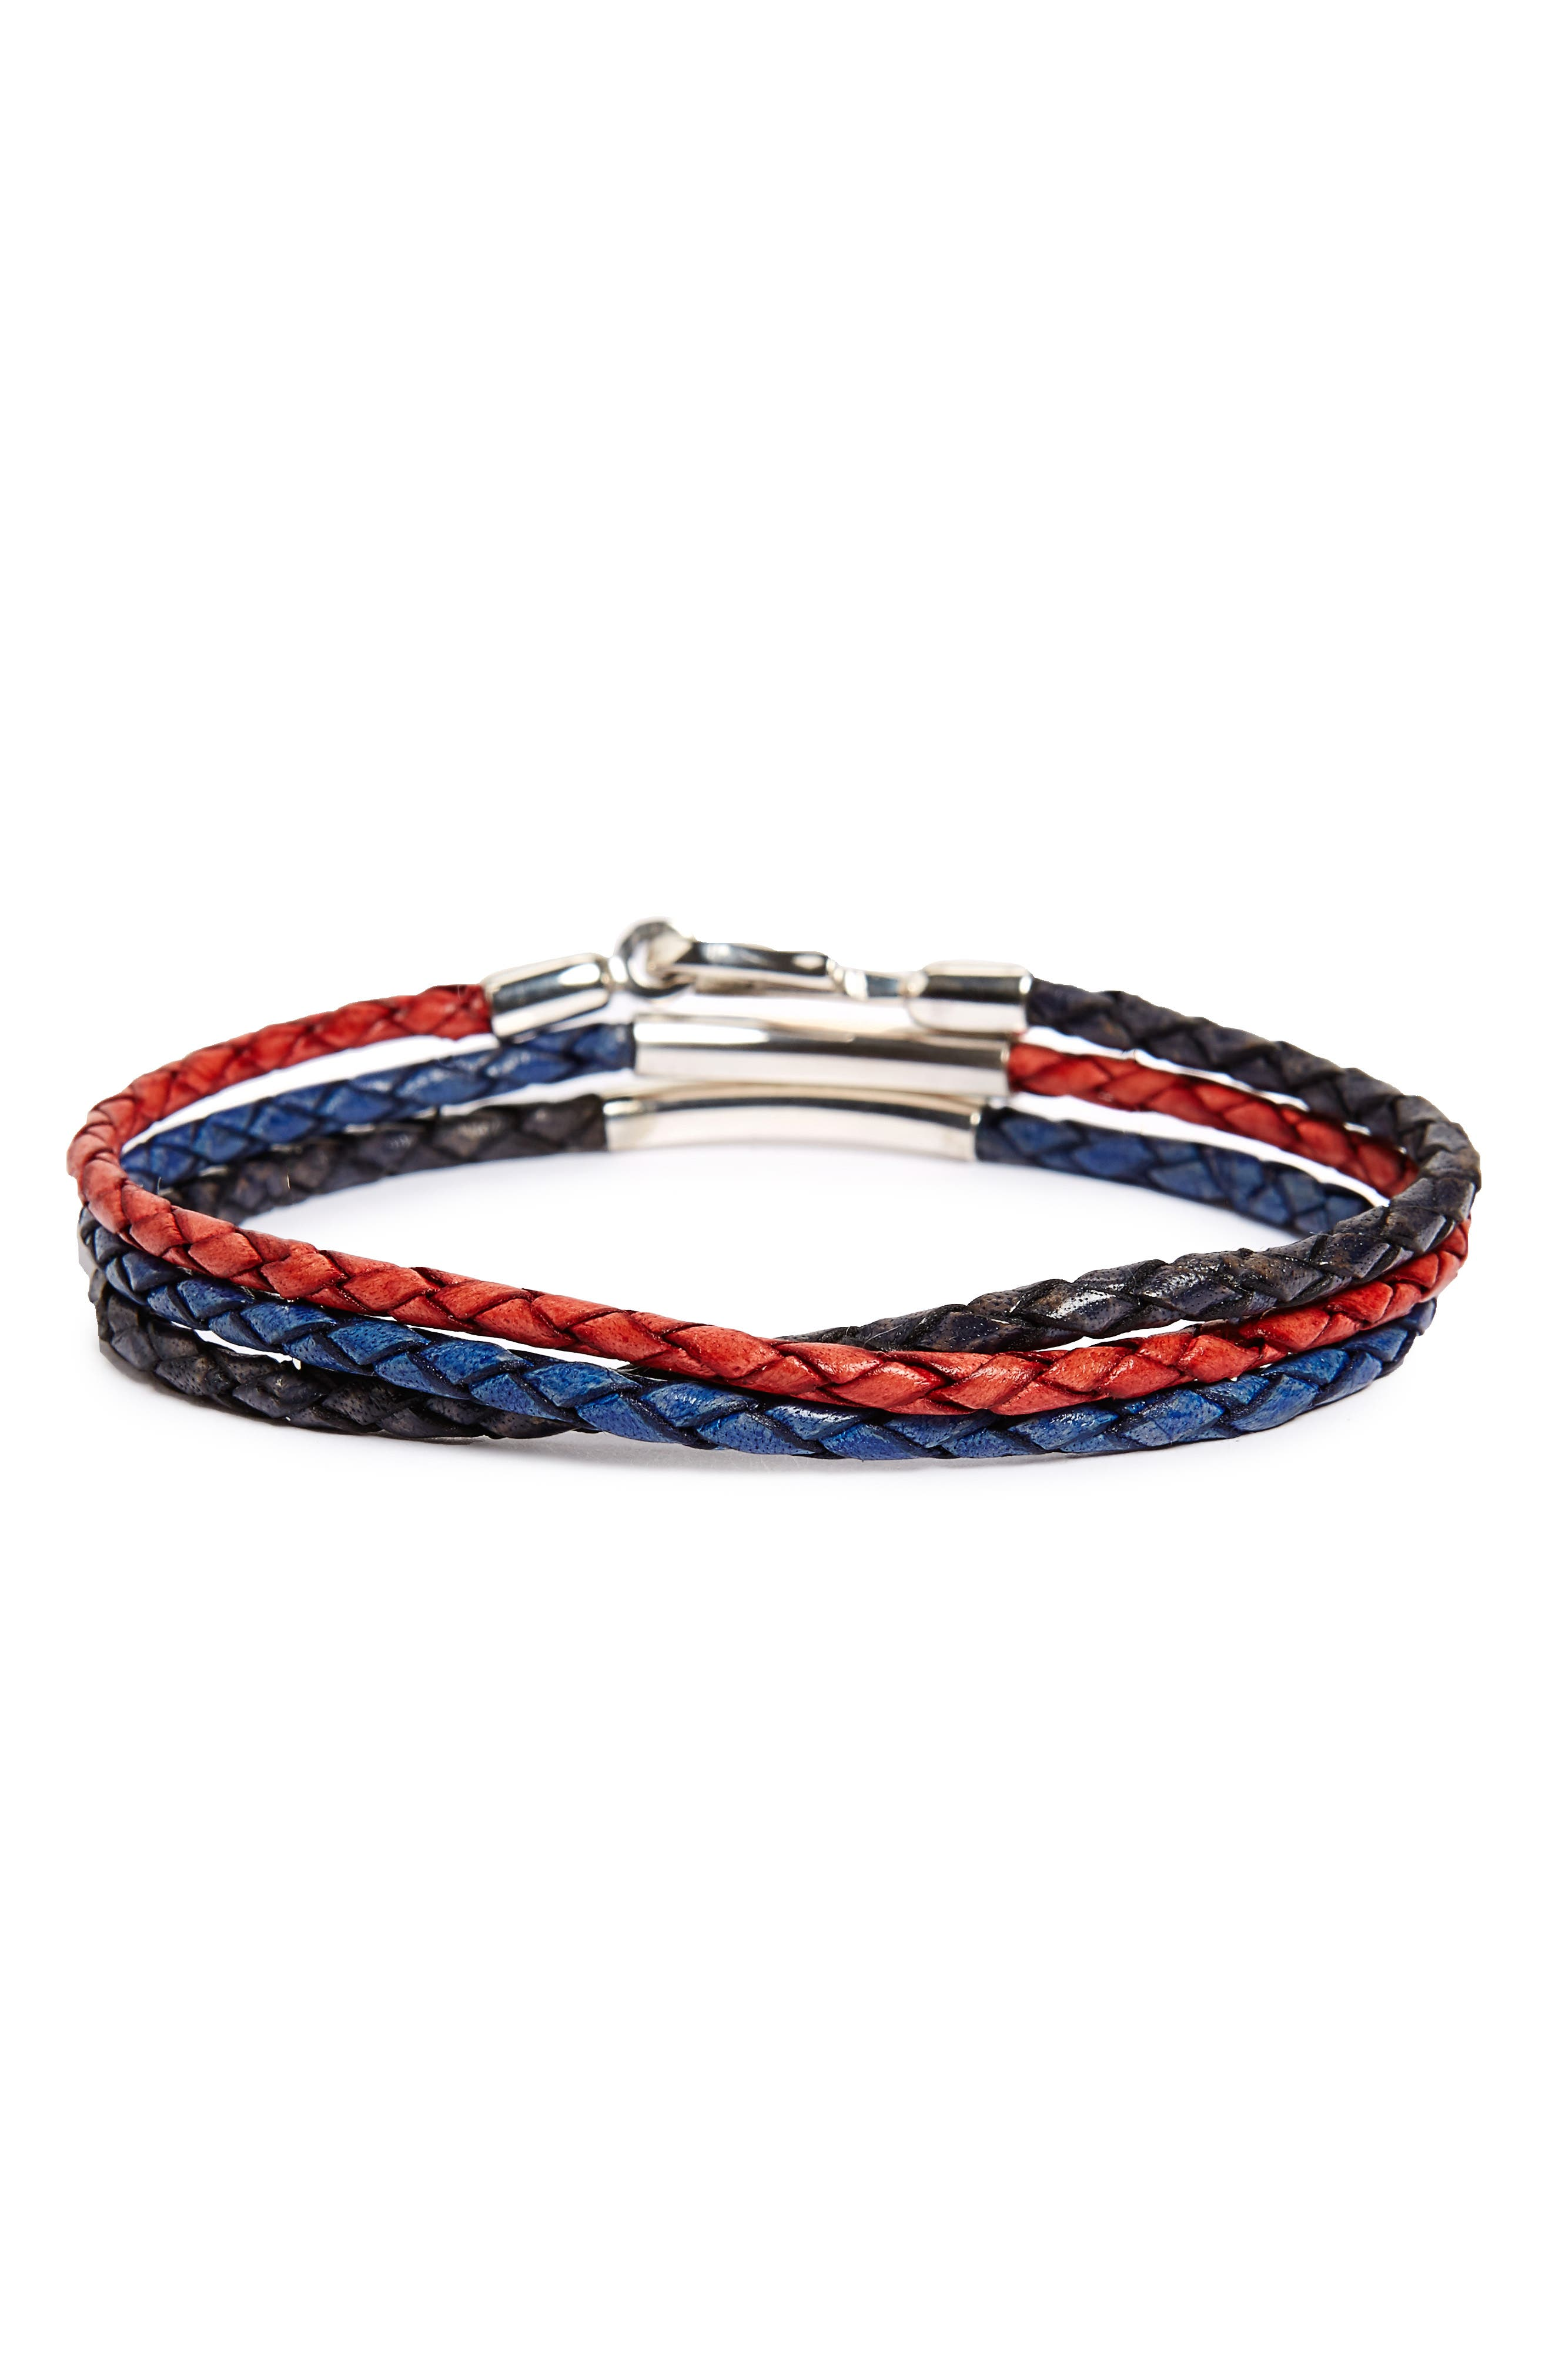 Main Image - Caputo & Co. Braided Leather Wrap Bracelet